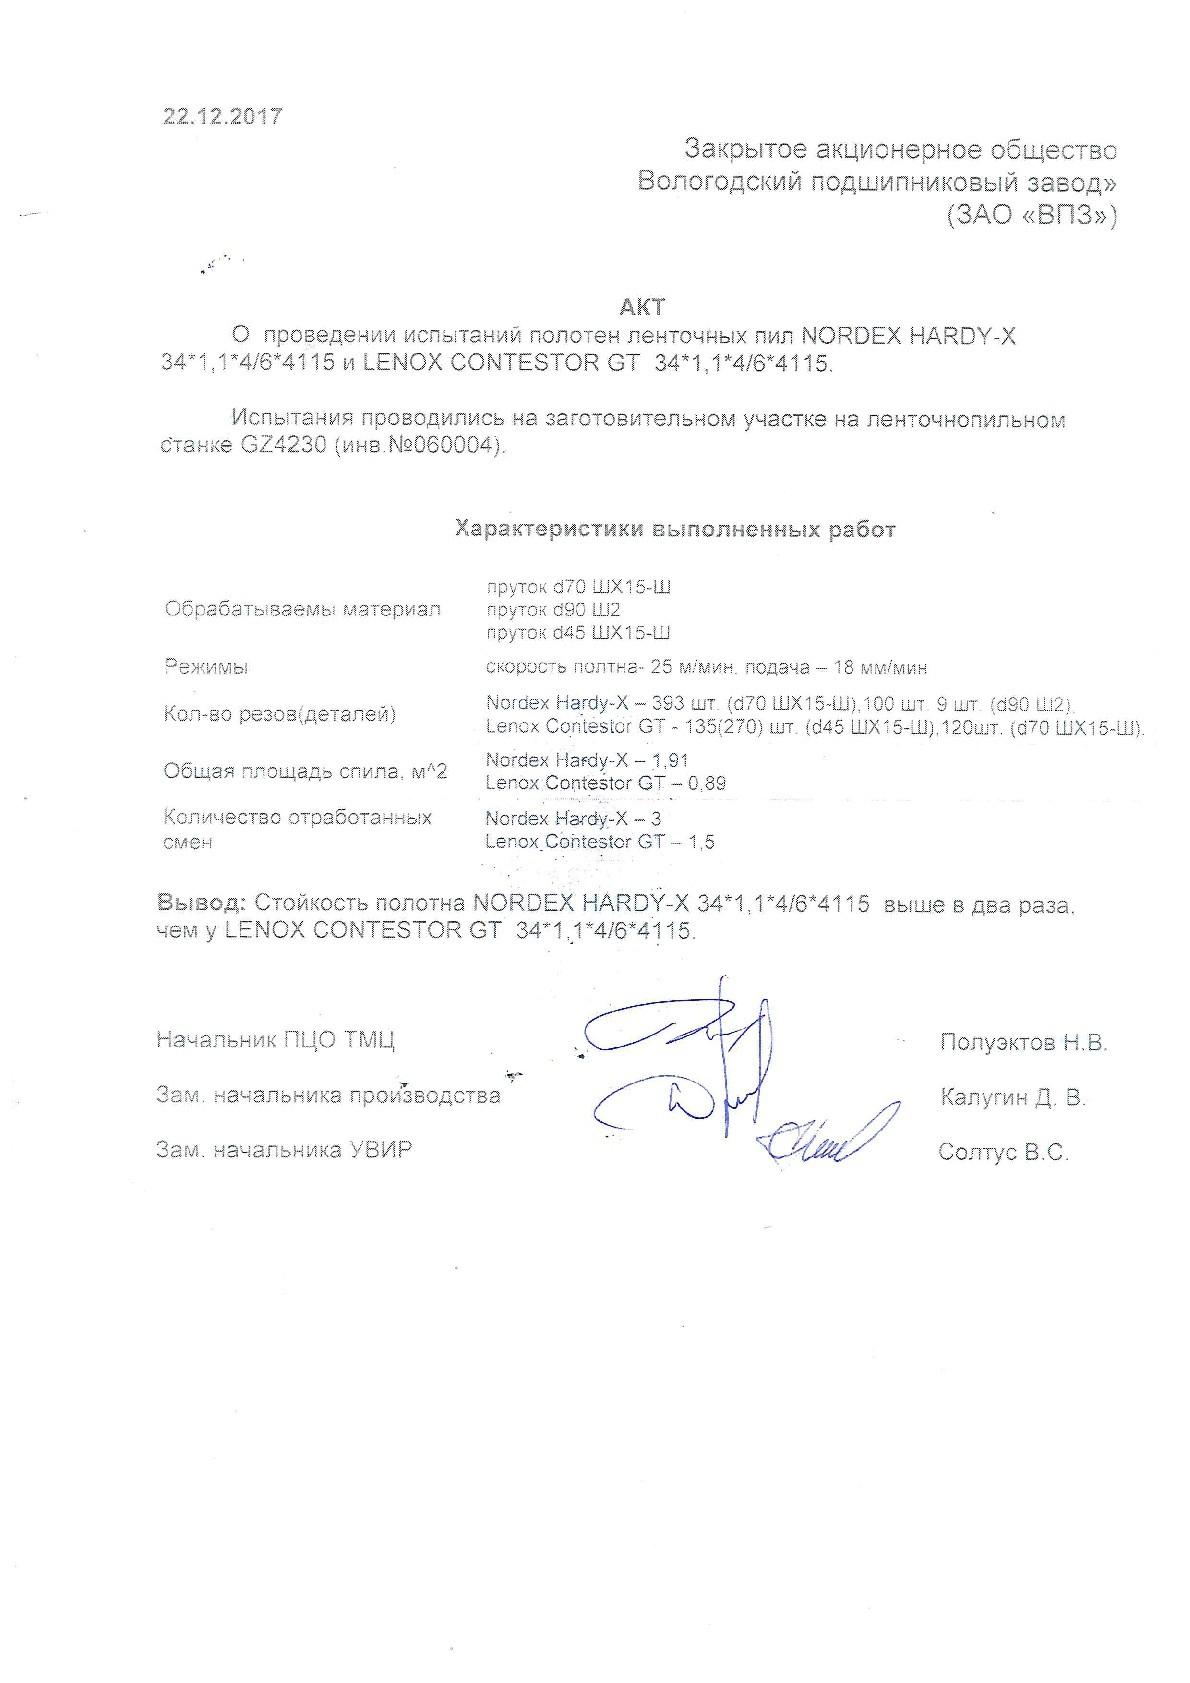 """doc07490420171226110126 001 - Проведение испытаний  на ЗАО """"ВПЗ"""" г. Вологда"""